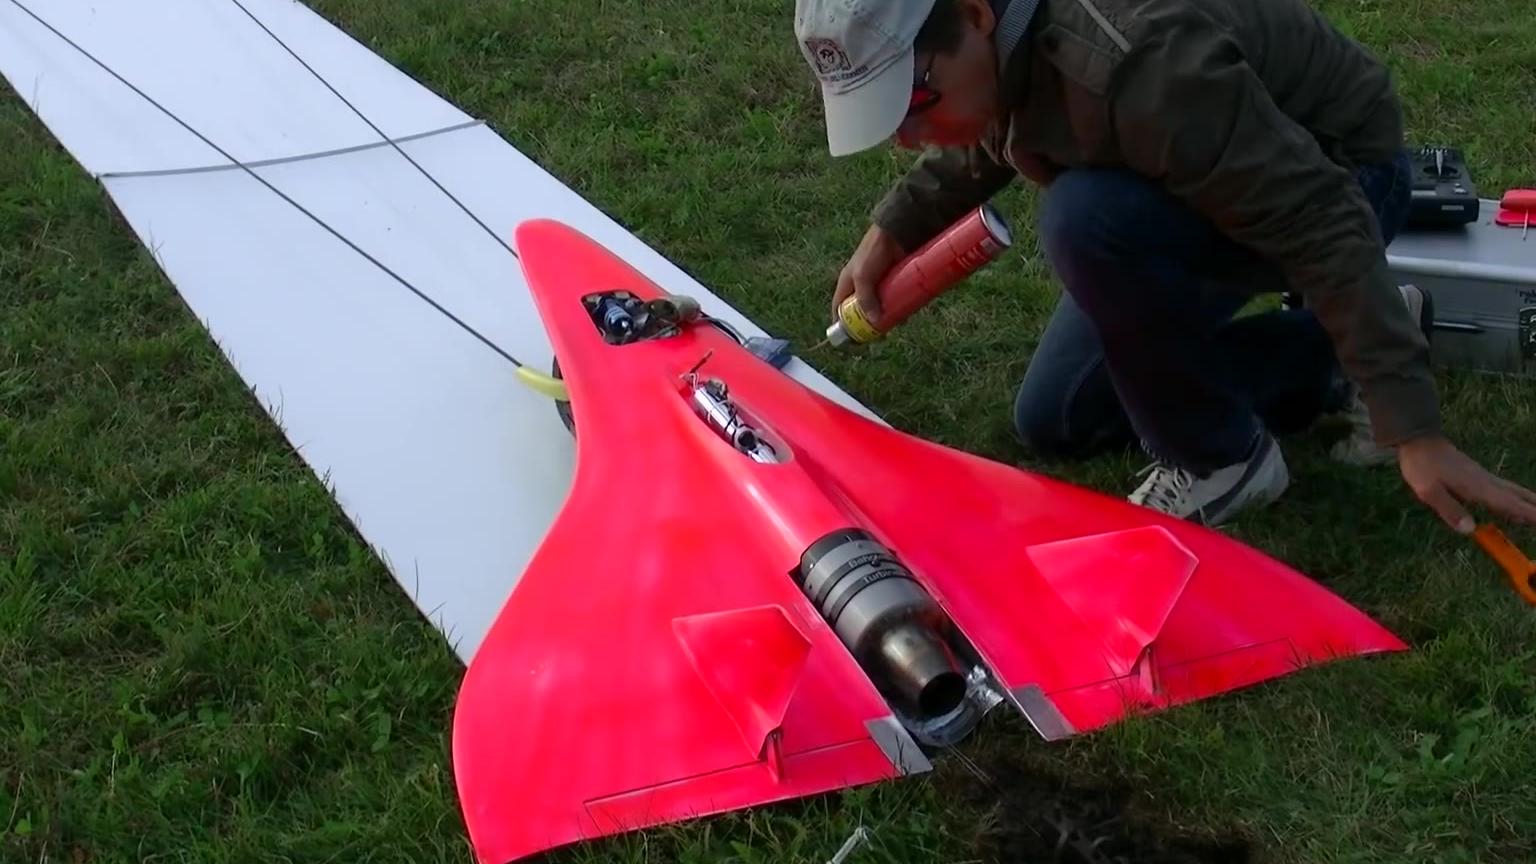 來康康世界最快的噴氣式模型飛機,時速達到727km/h